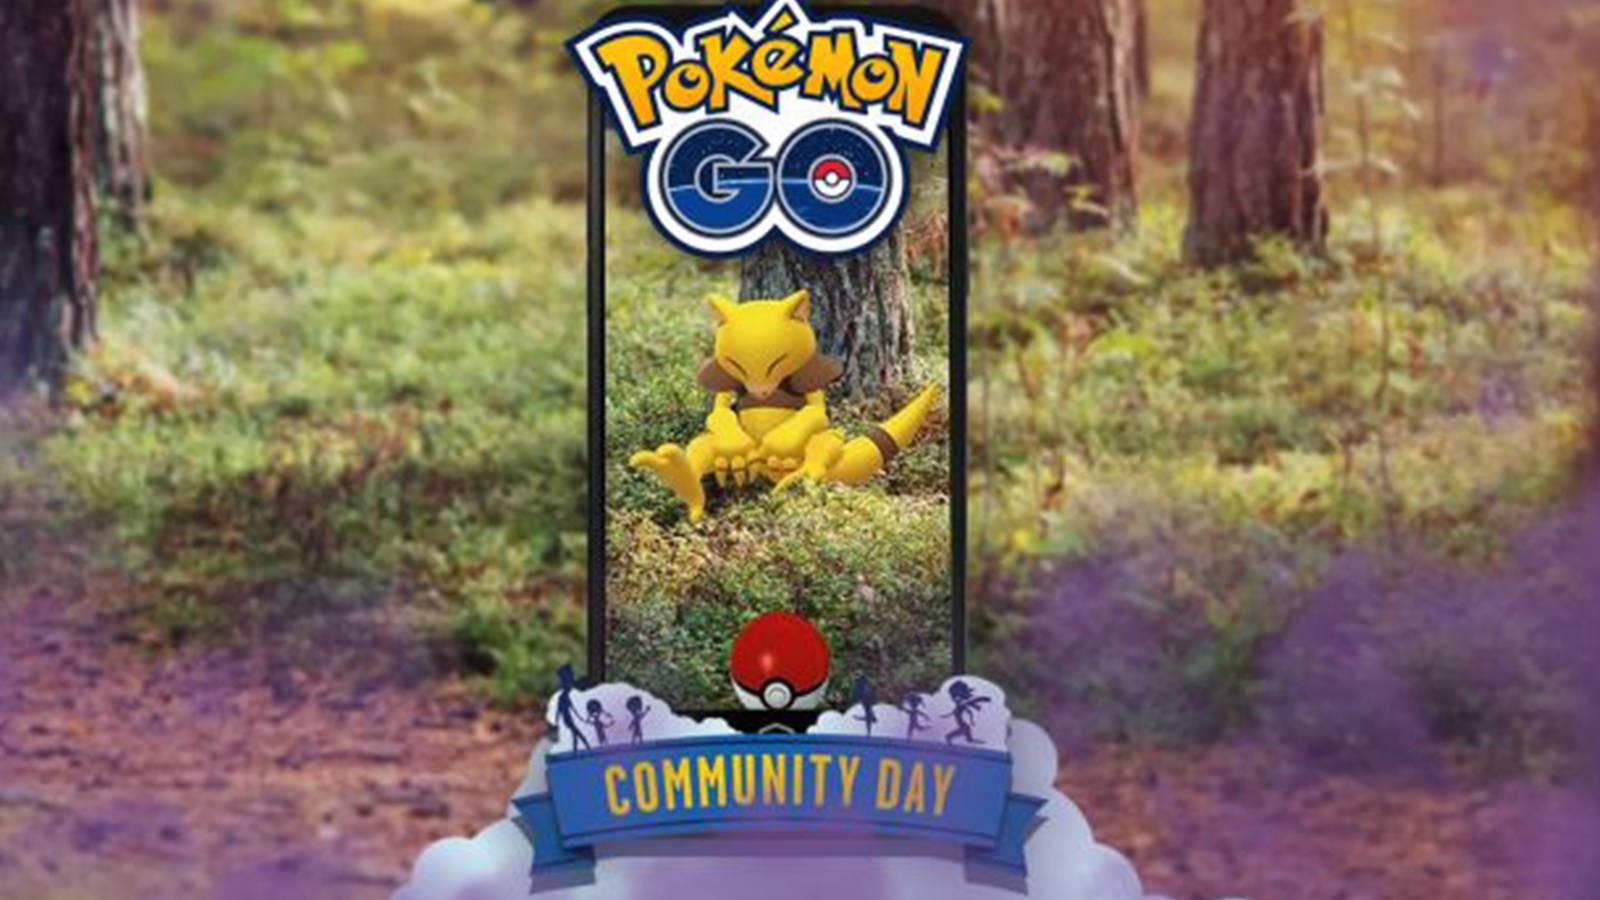 Pokémon Go Community Day Abra